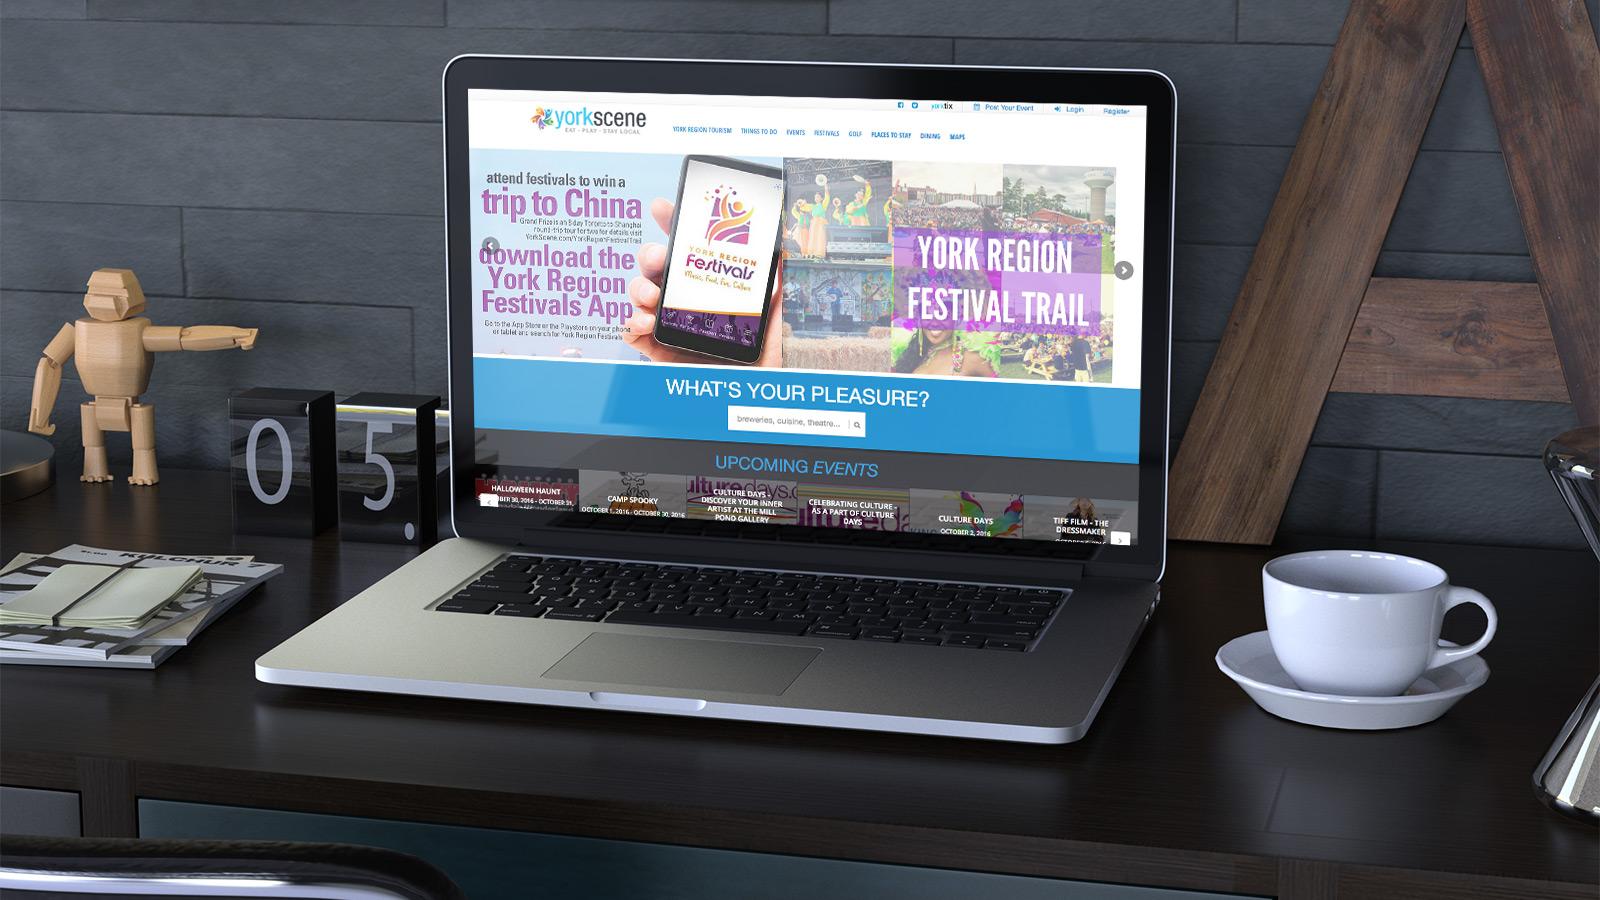 York Scene - Web Site